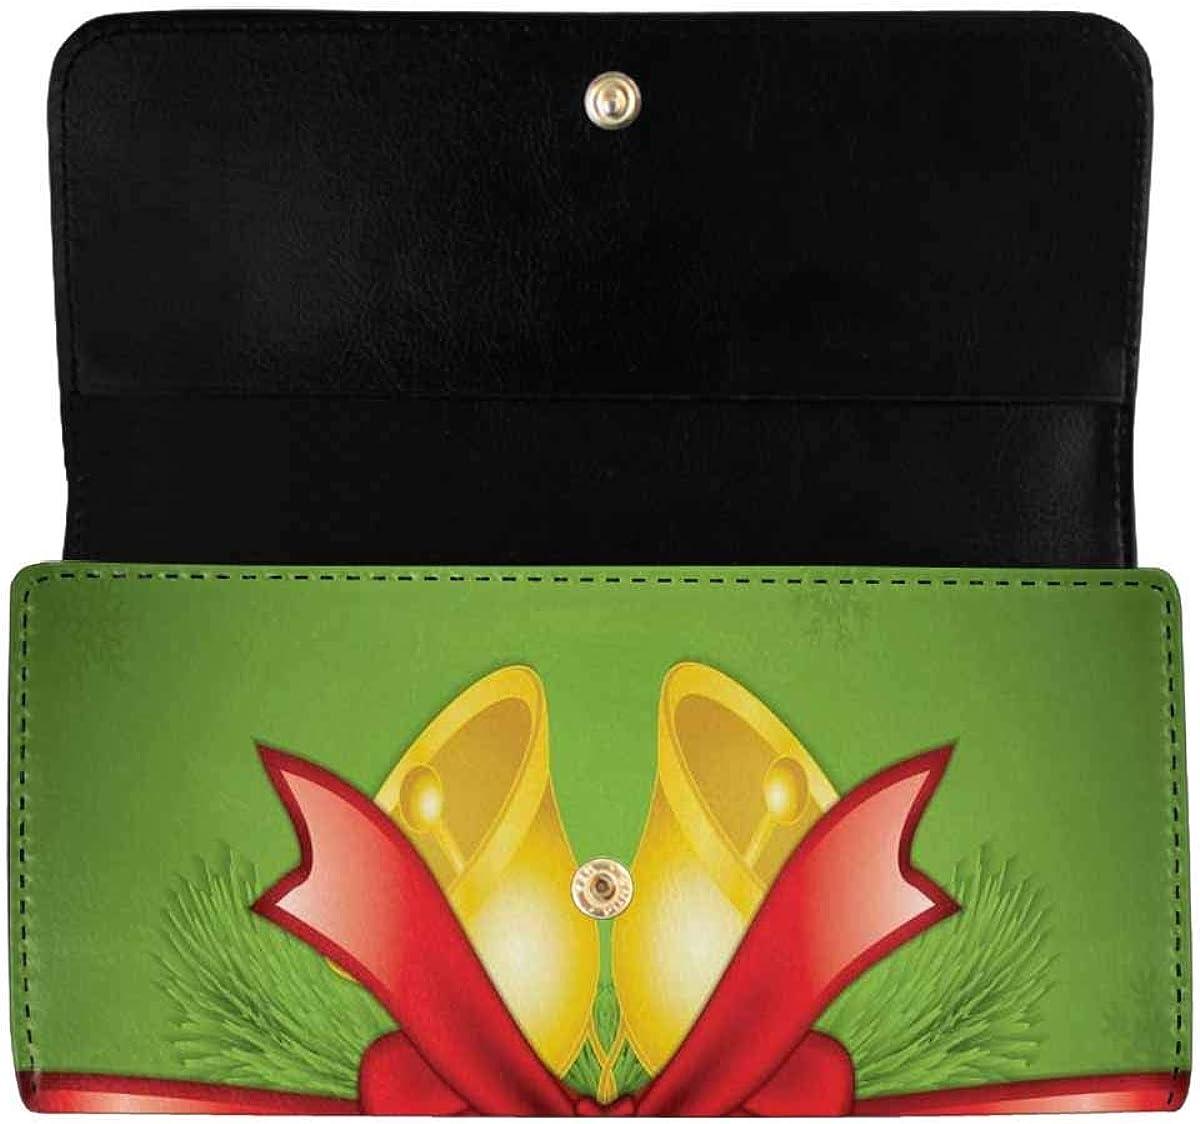 INTERESTPRINT Women's Long Clutch Purses Christmas Reindeer Trifold Card Holder Wallet